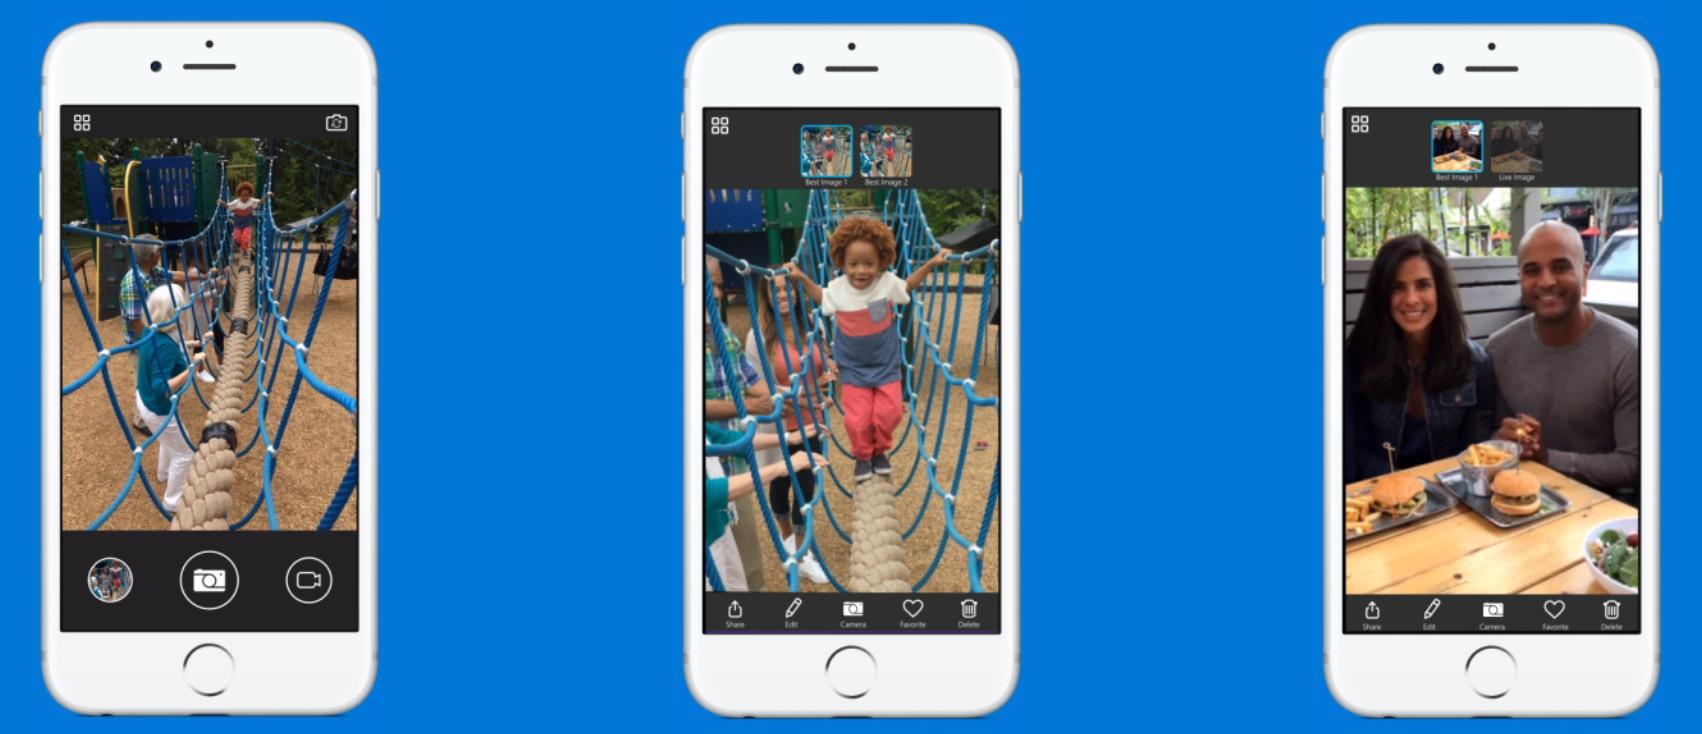 مايكروسوفت تُحدّث تطبيقها الكاميرا Pix بدعمه الفلاش وأكثر